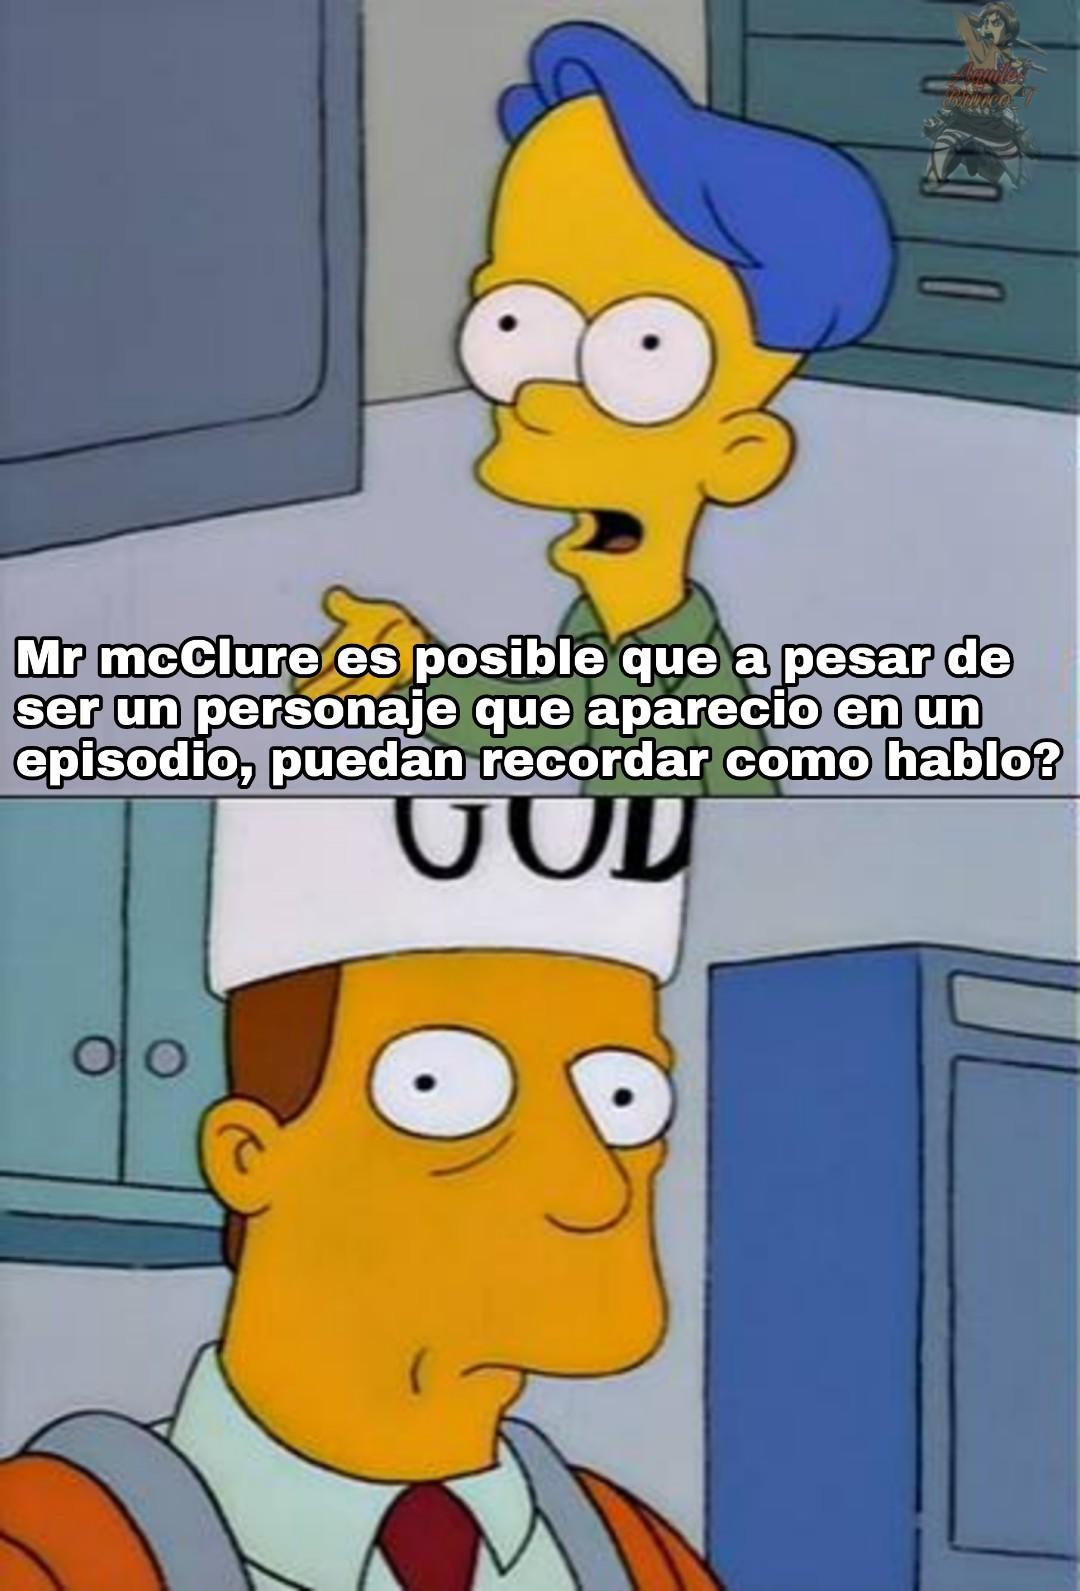 McClure - meme